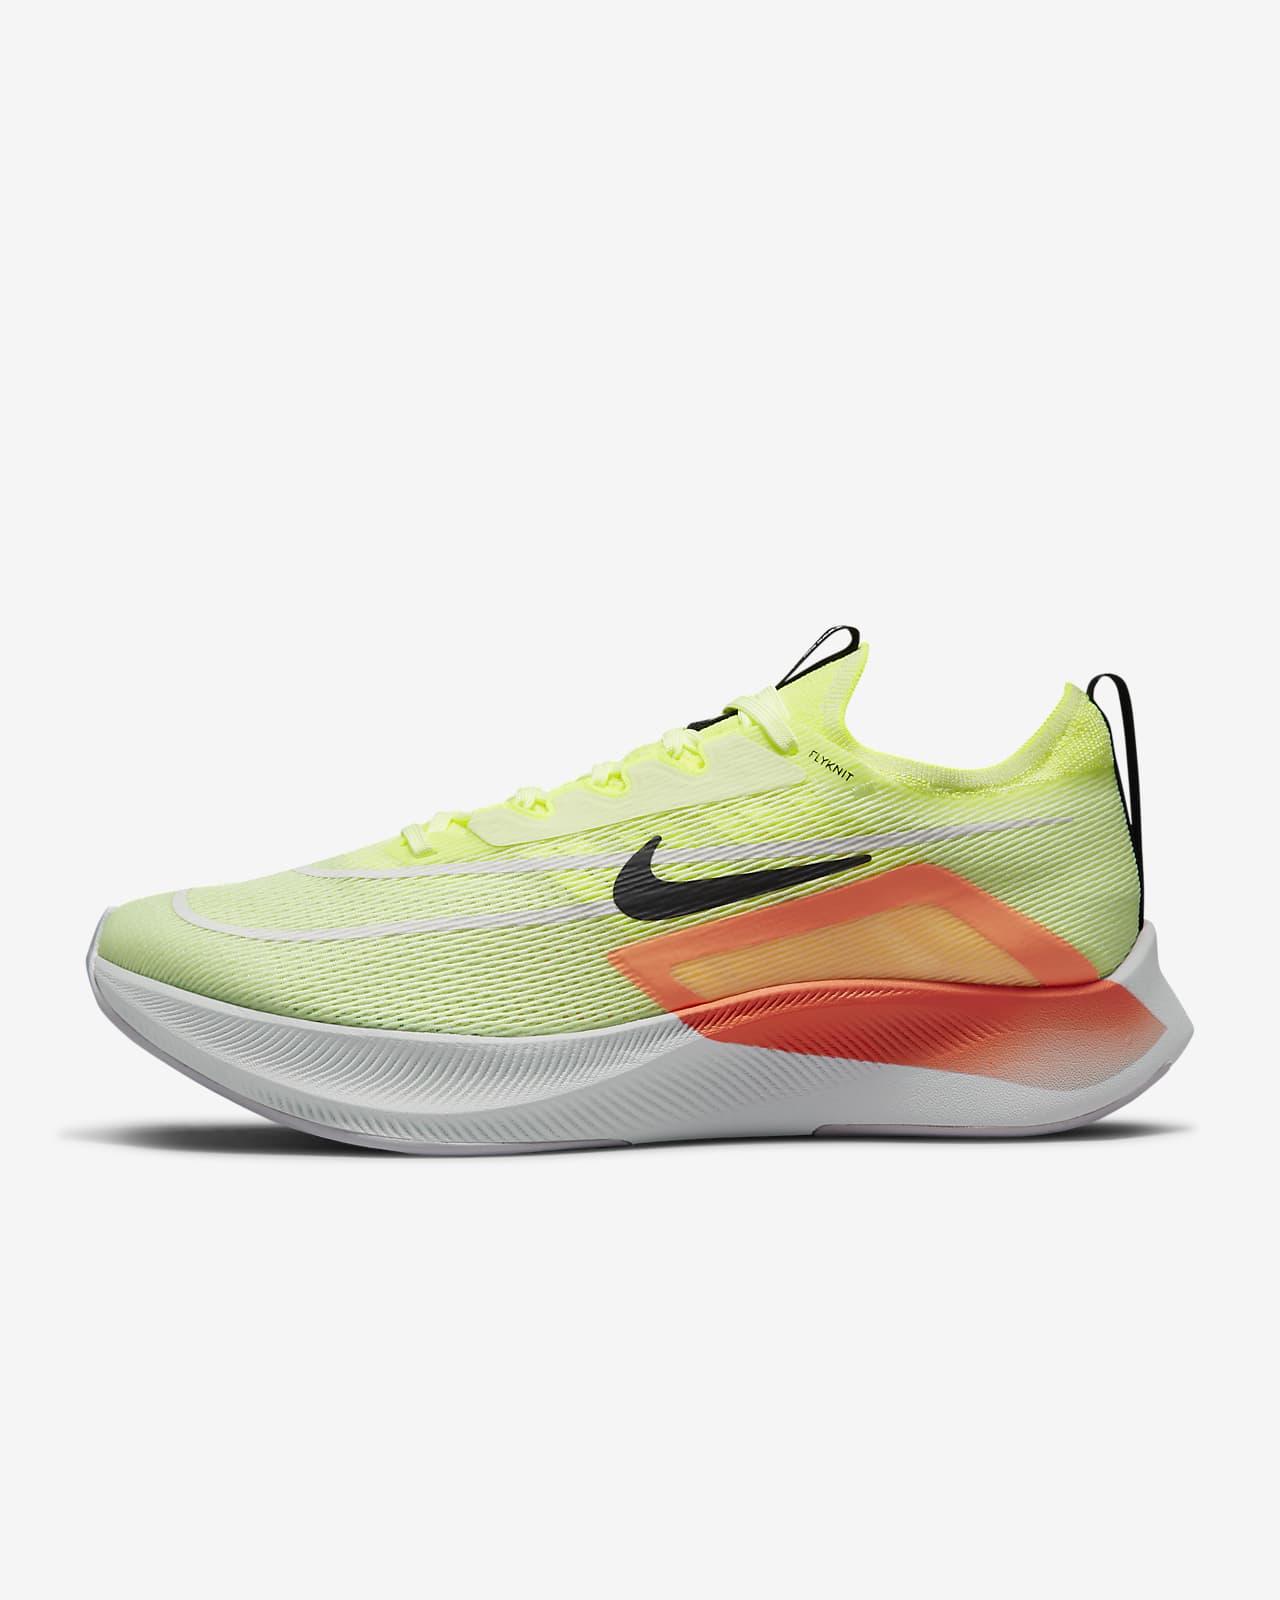 Nike Zoom Fly 4 Zapatillas de running para carretera - Hombre